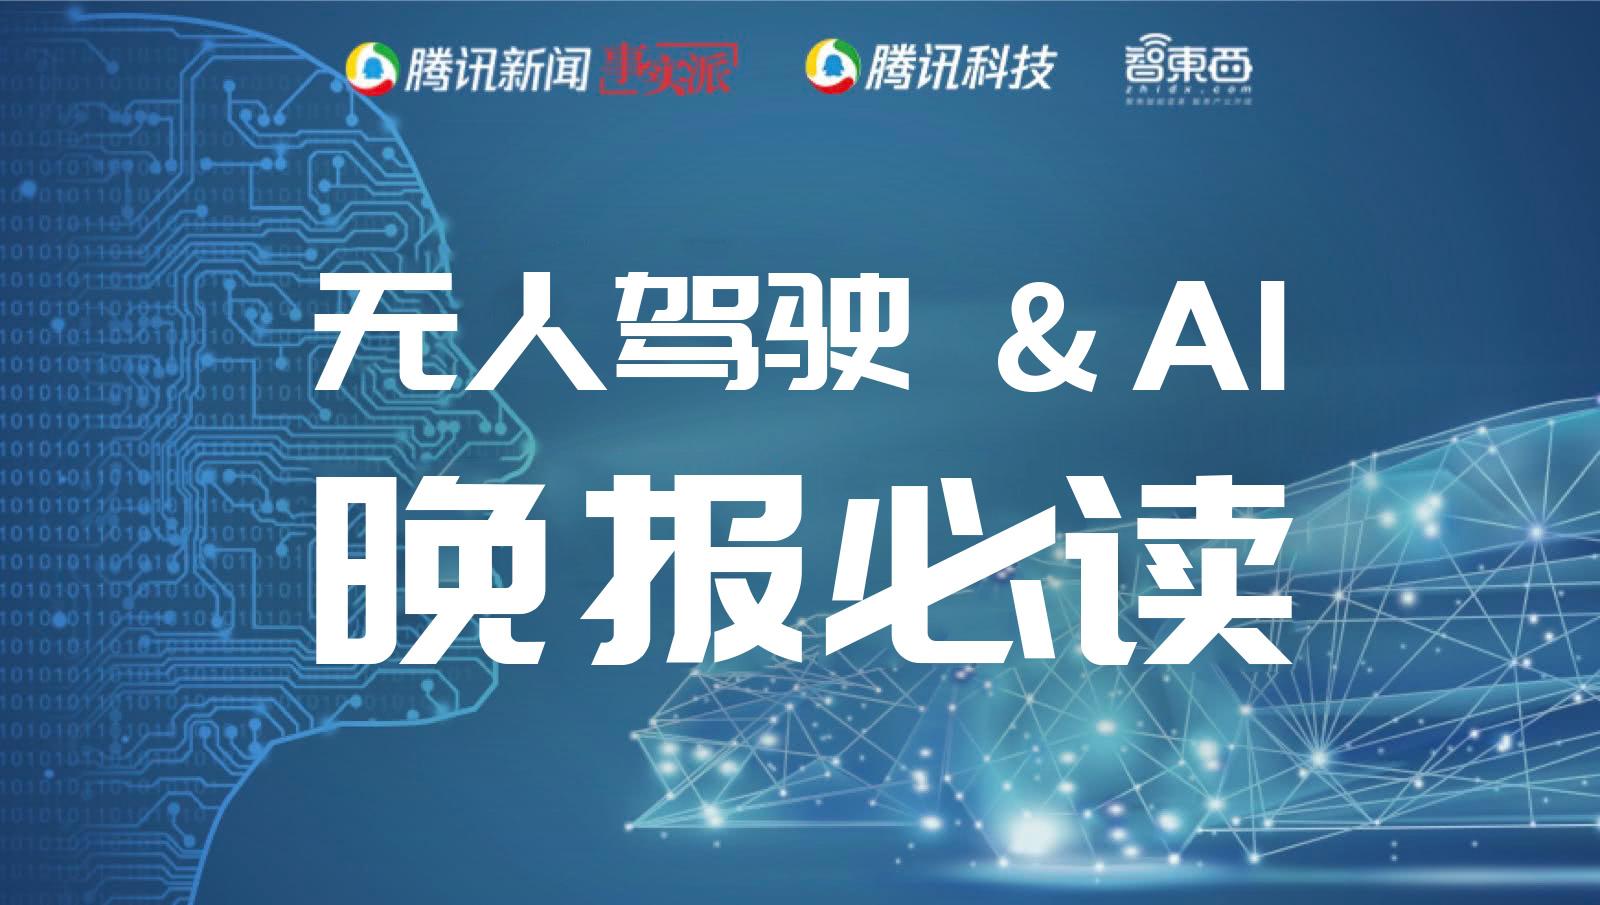 AI晚报:寒武纪拟科创板上市募资28亿元 苹果秋季发布会或将推迟